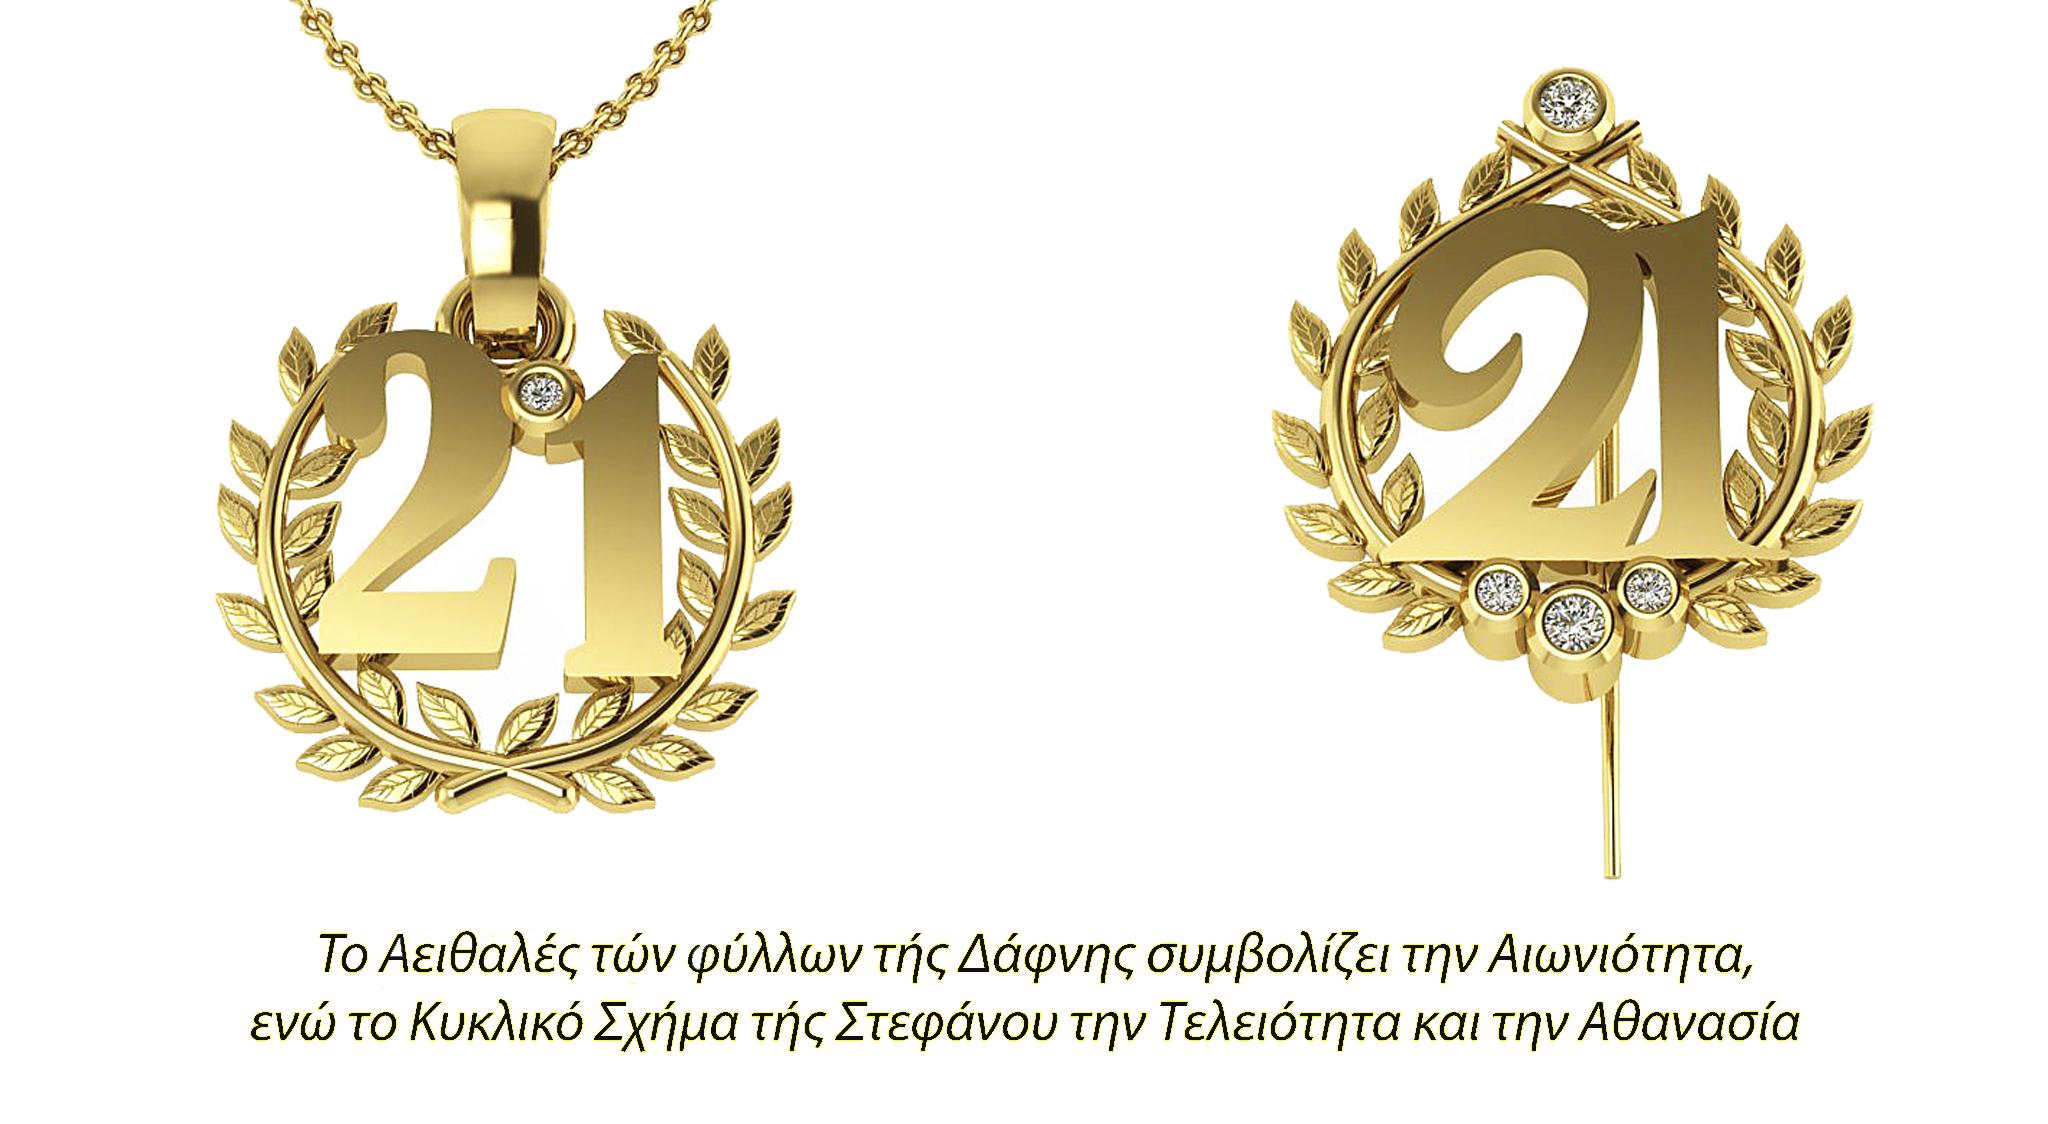 Ελλάδα 2021, Διαγωνισμός - Δώρο τρία Επετειακά Γούρια 2021 με Δάφνες